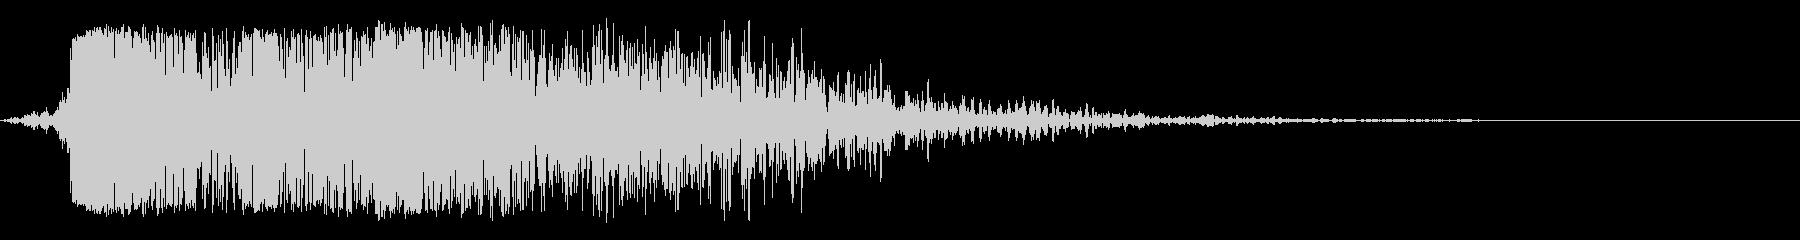 ピアスメタルインパクト、フォリーの未再生の波形